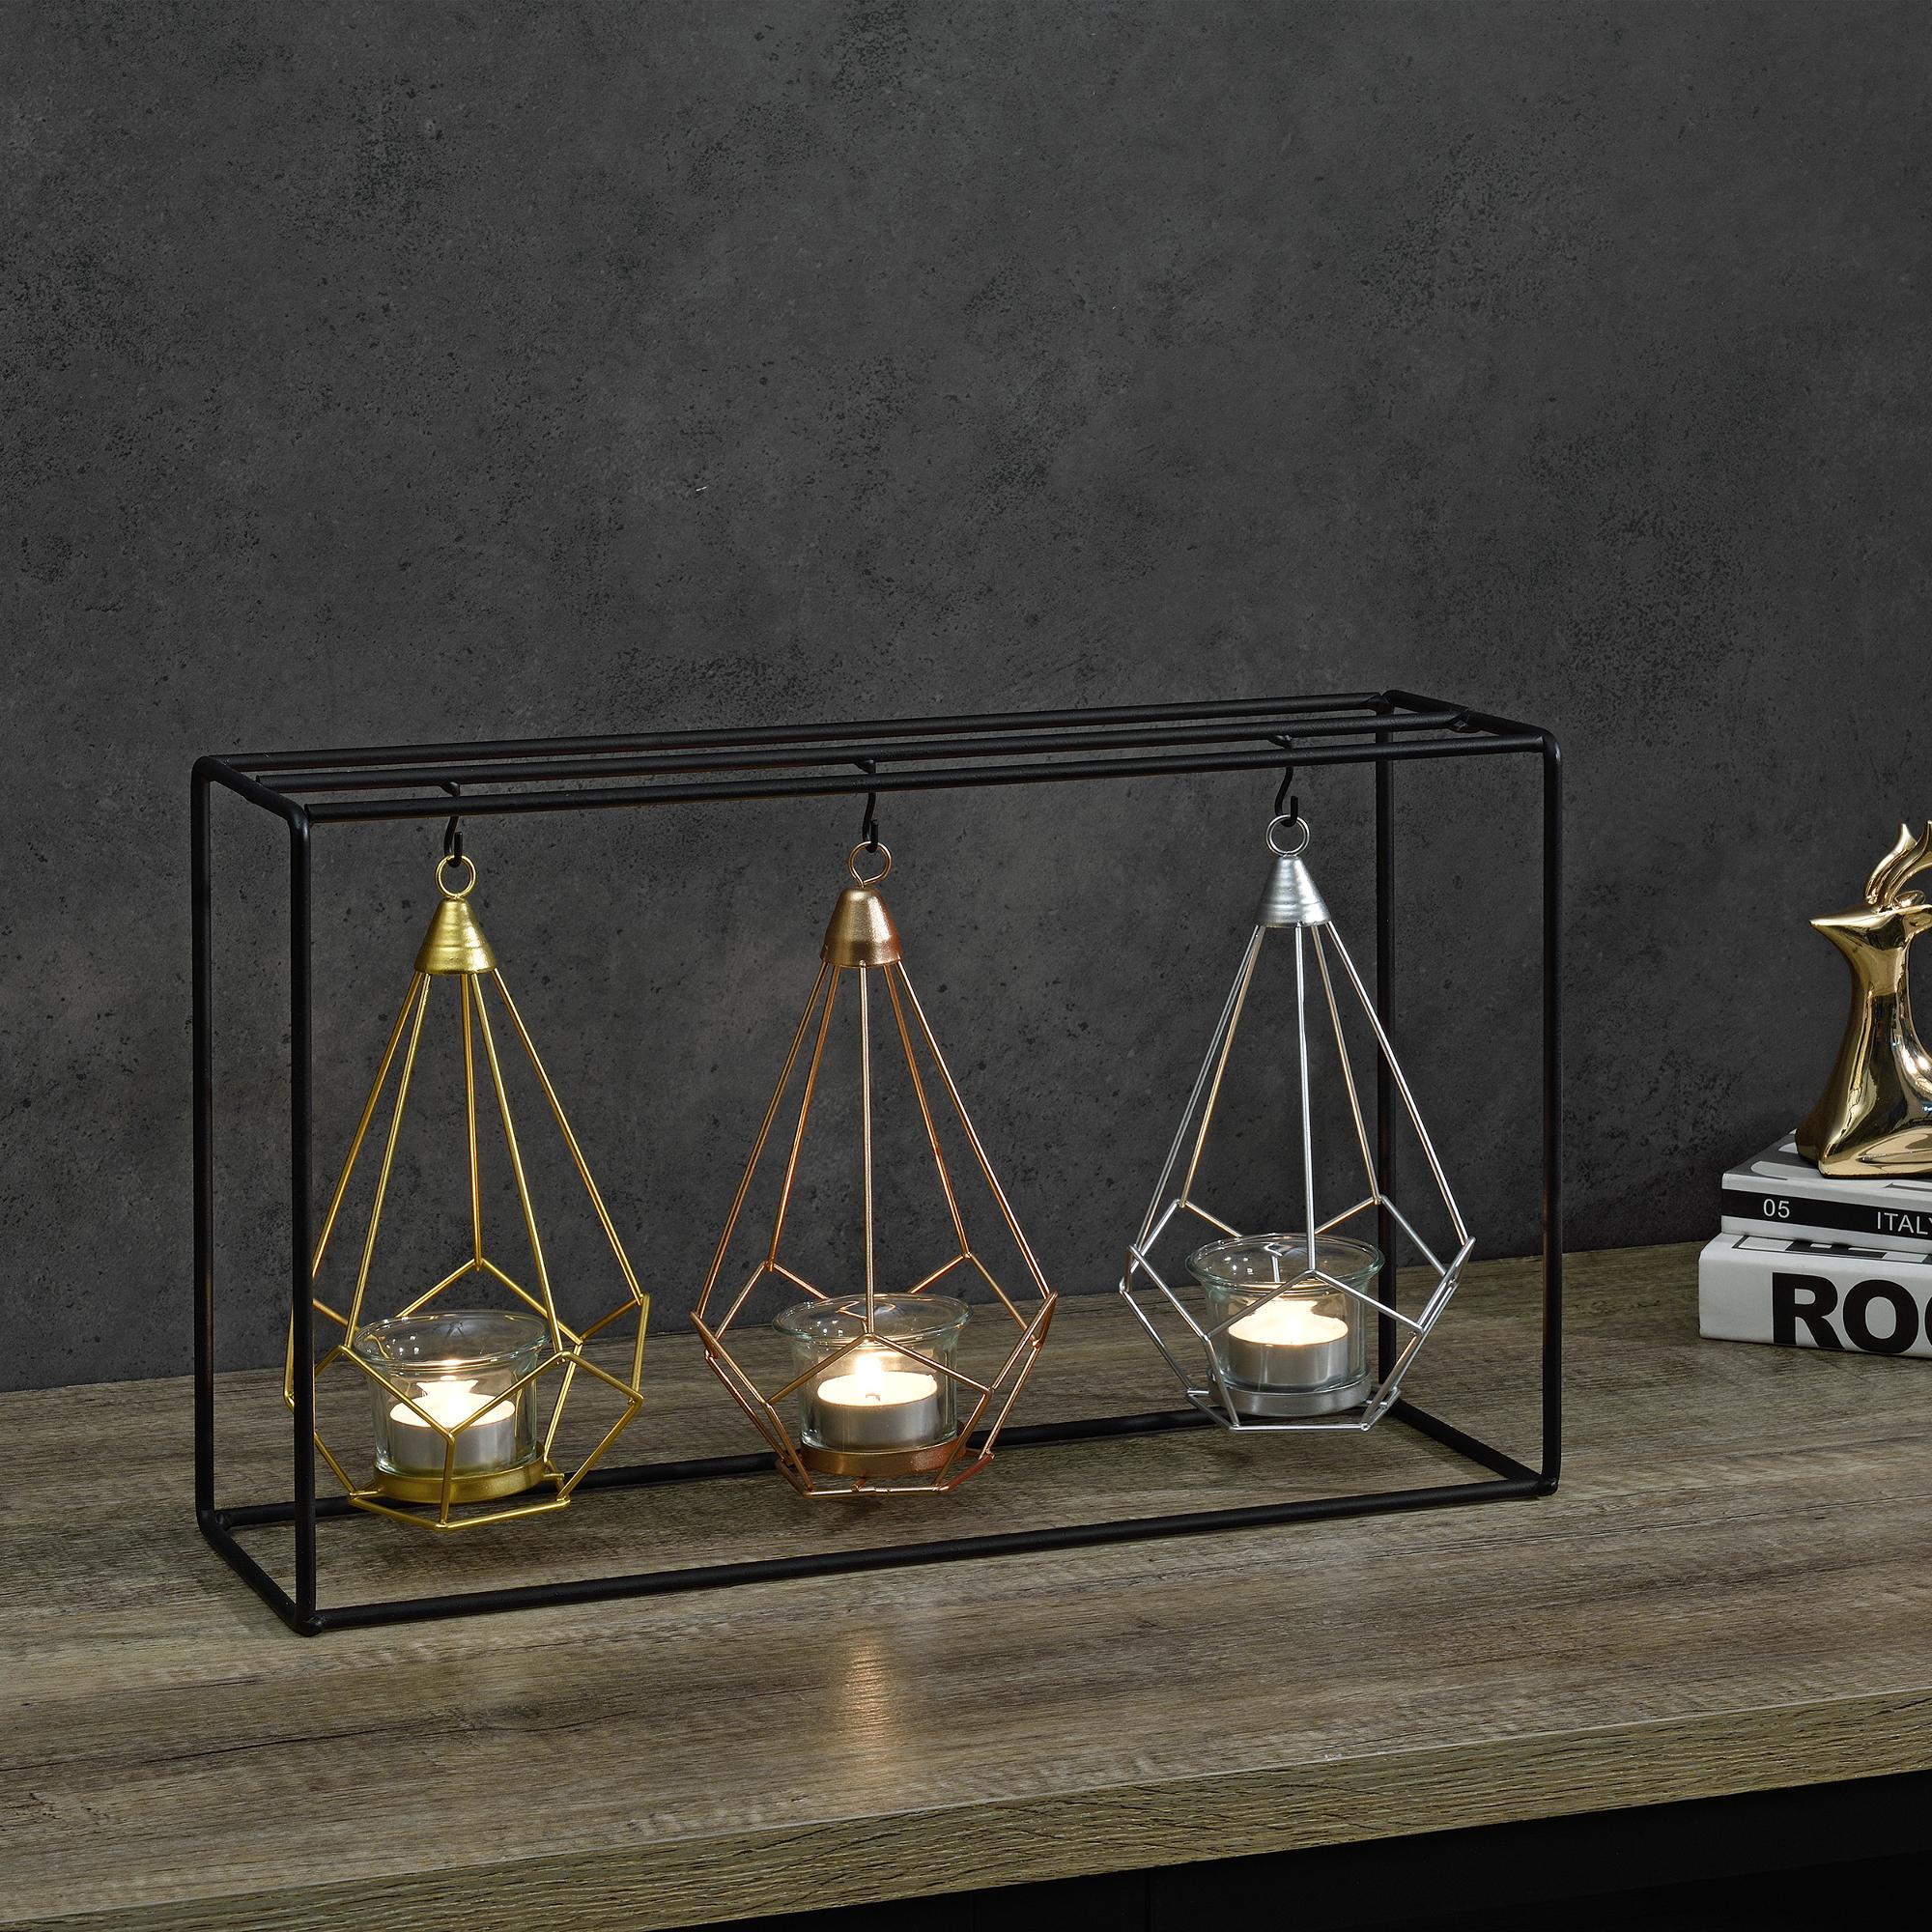 Deko kerzenst nder 3 fach teelichthalter for Metallgitter deko